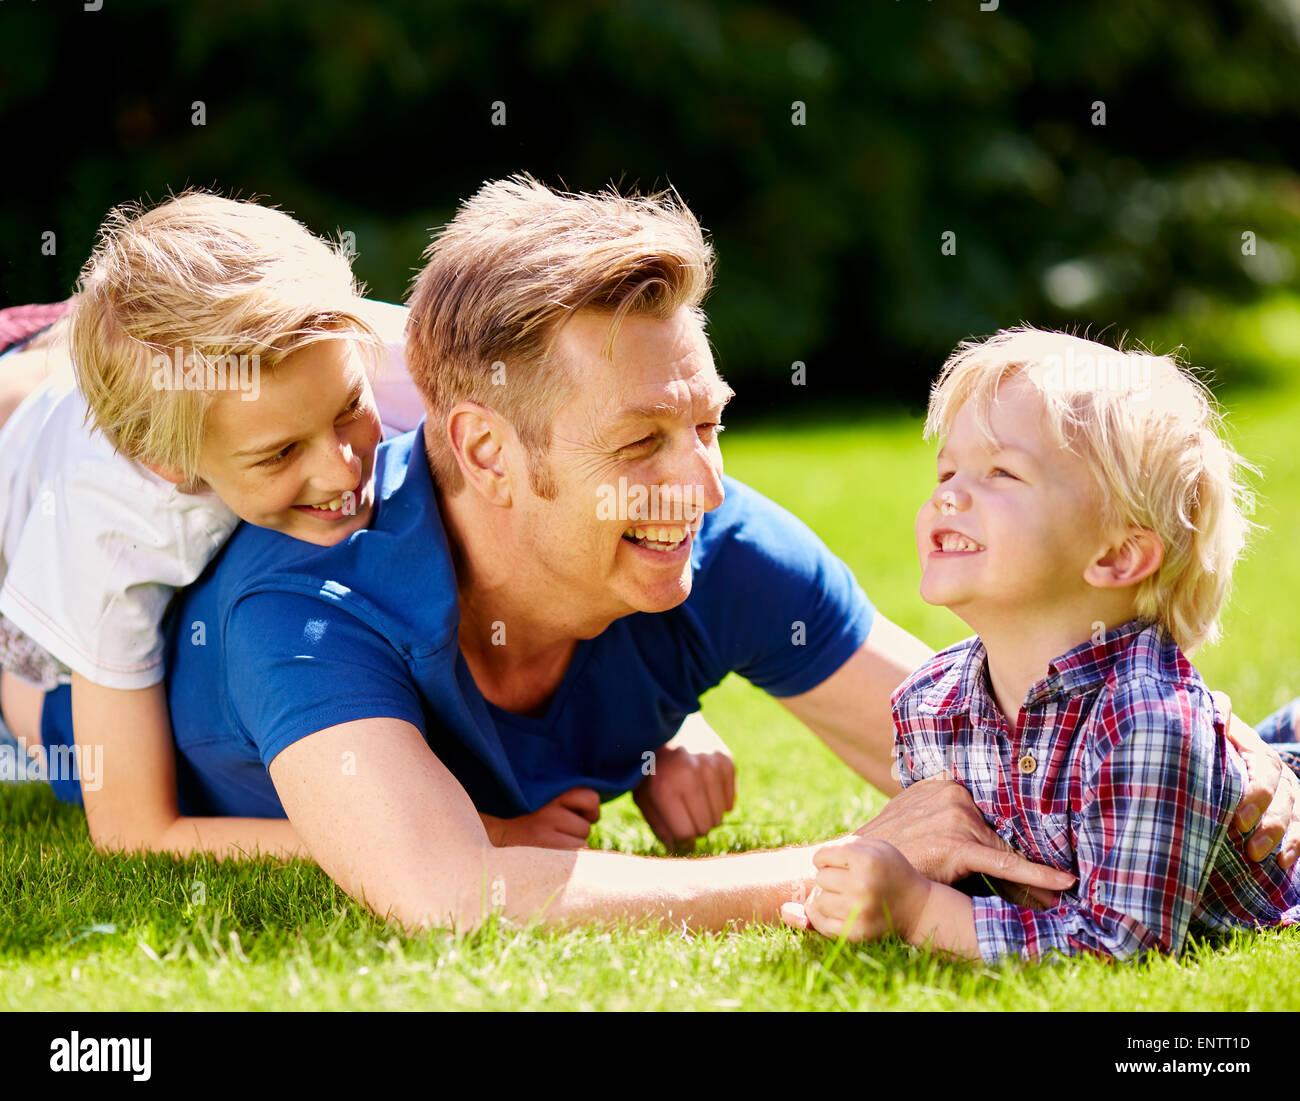 Padre jugando con los niños al aire libre Imagen De Stock